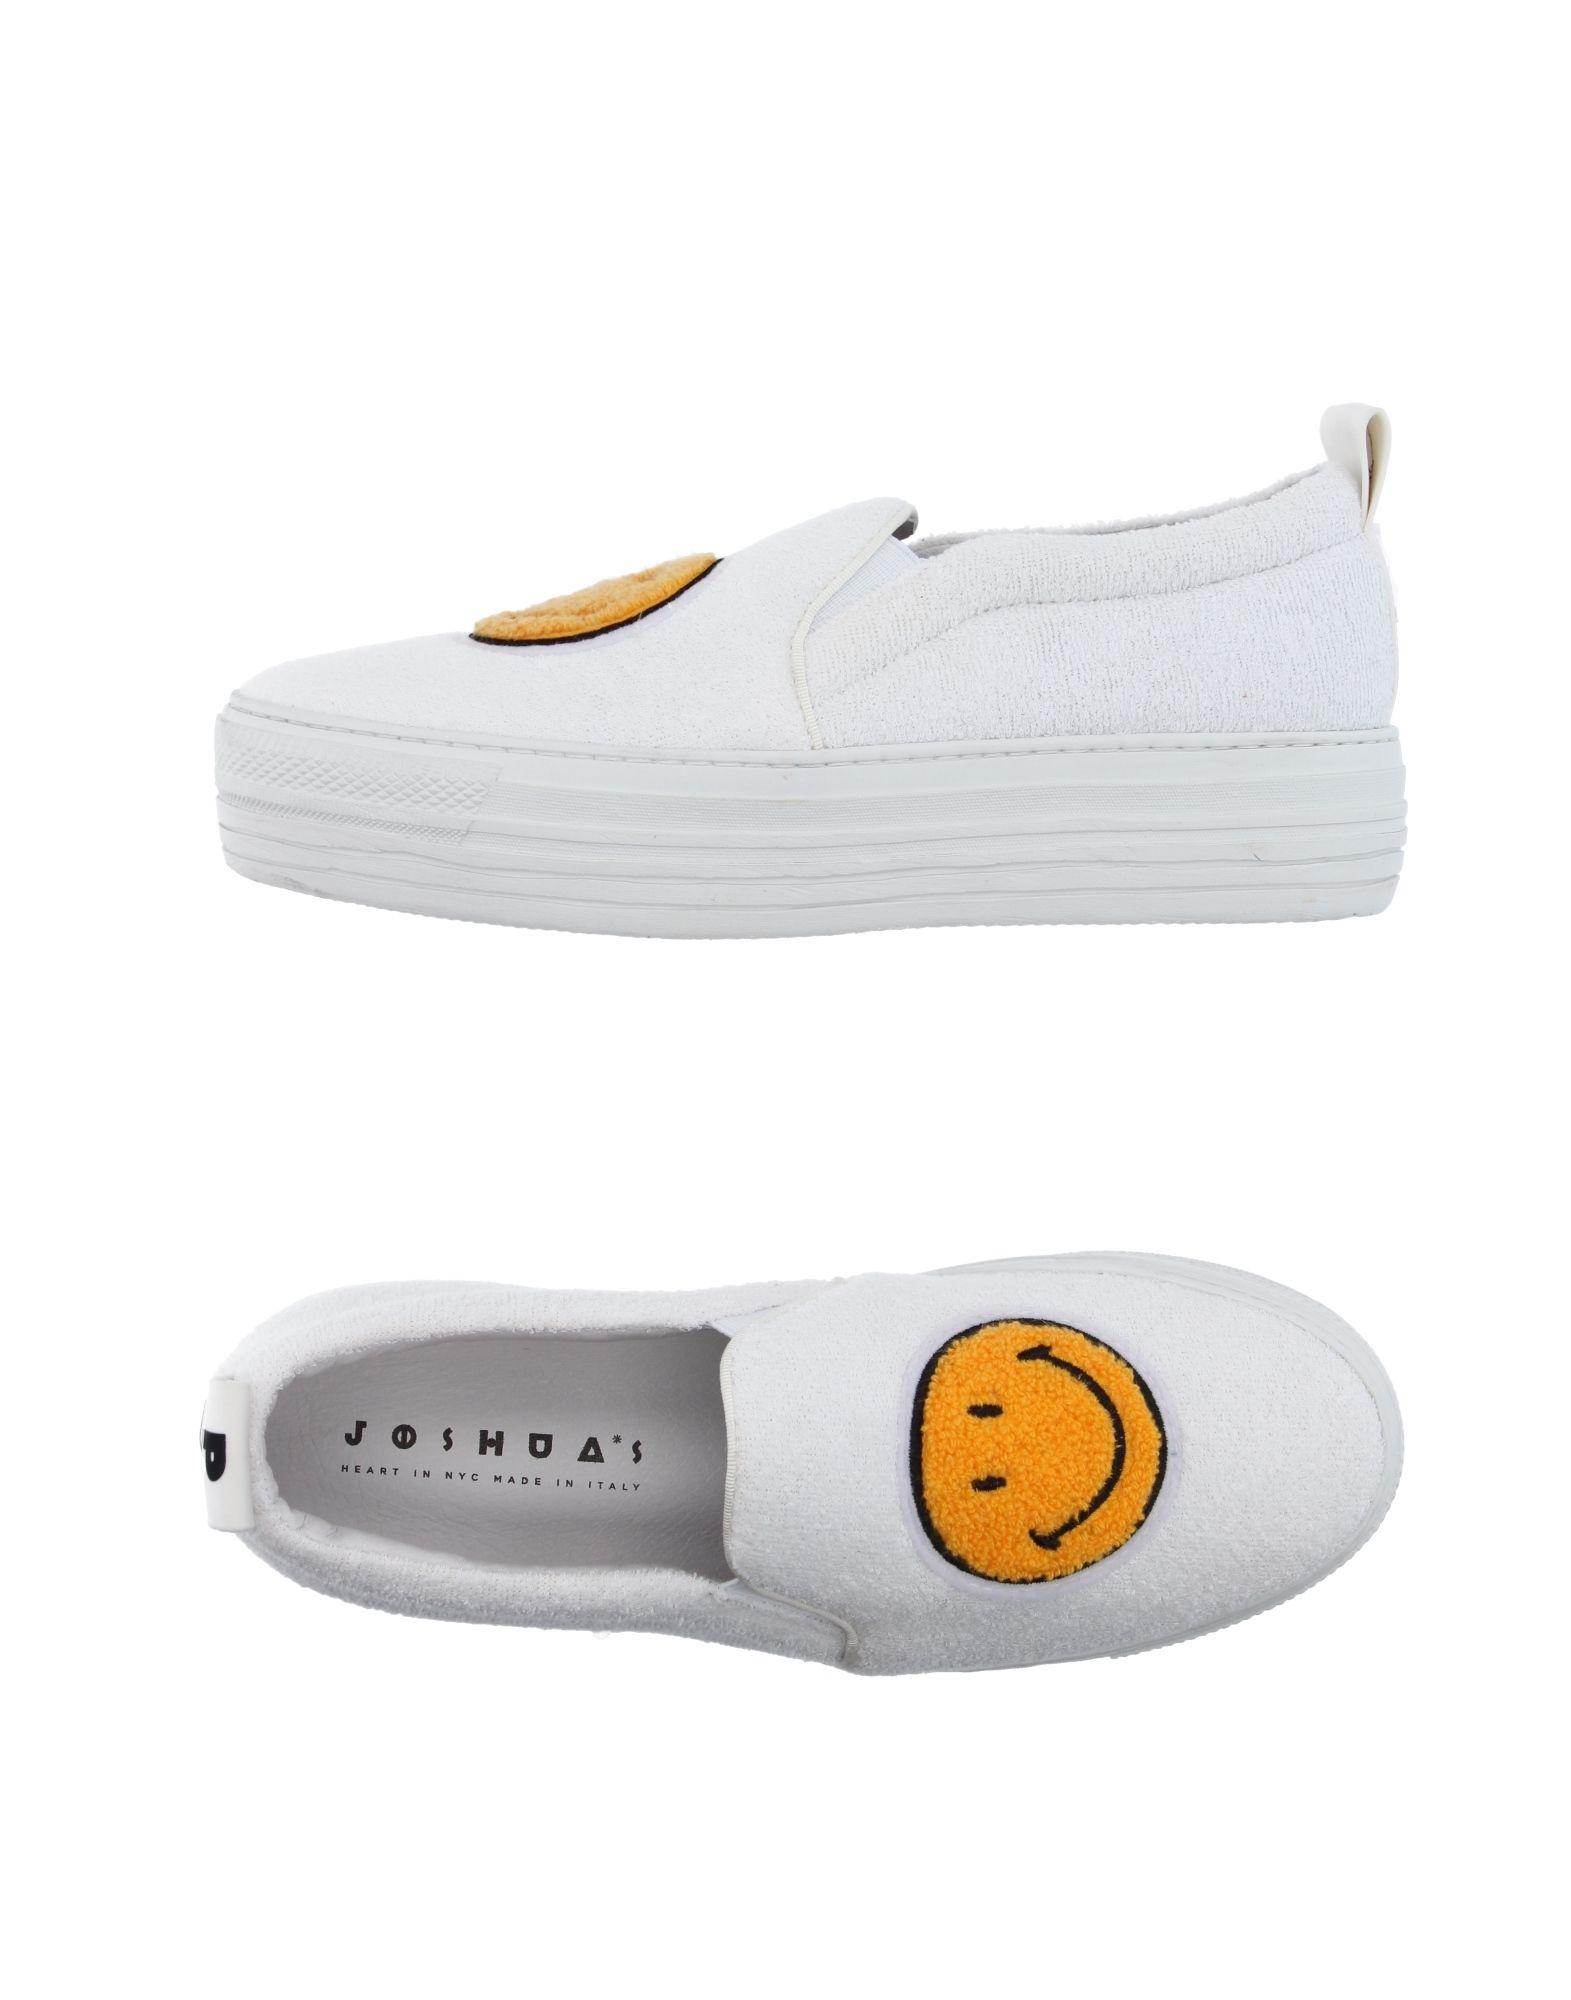 Scarpe economiche e resistenti Sneakers Joshua*S Donna - 11135376DW